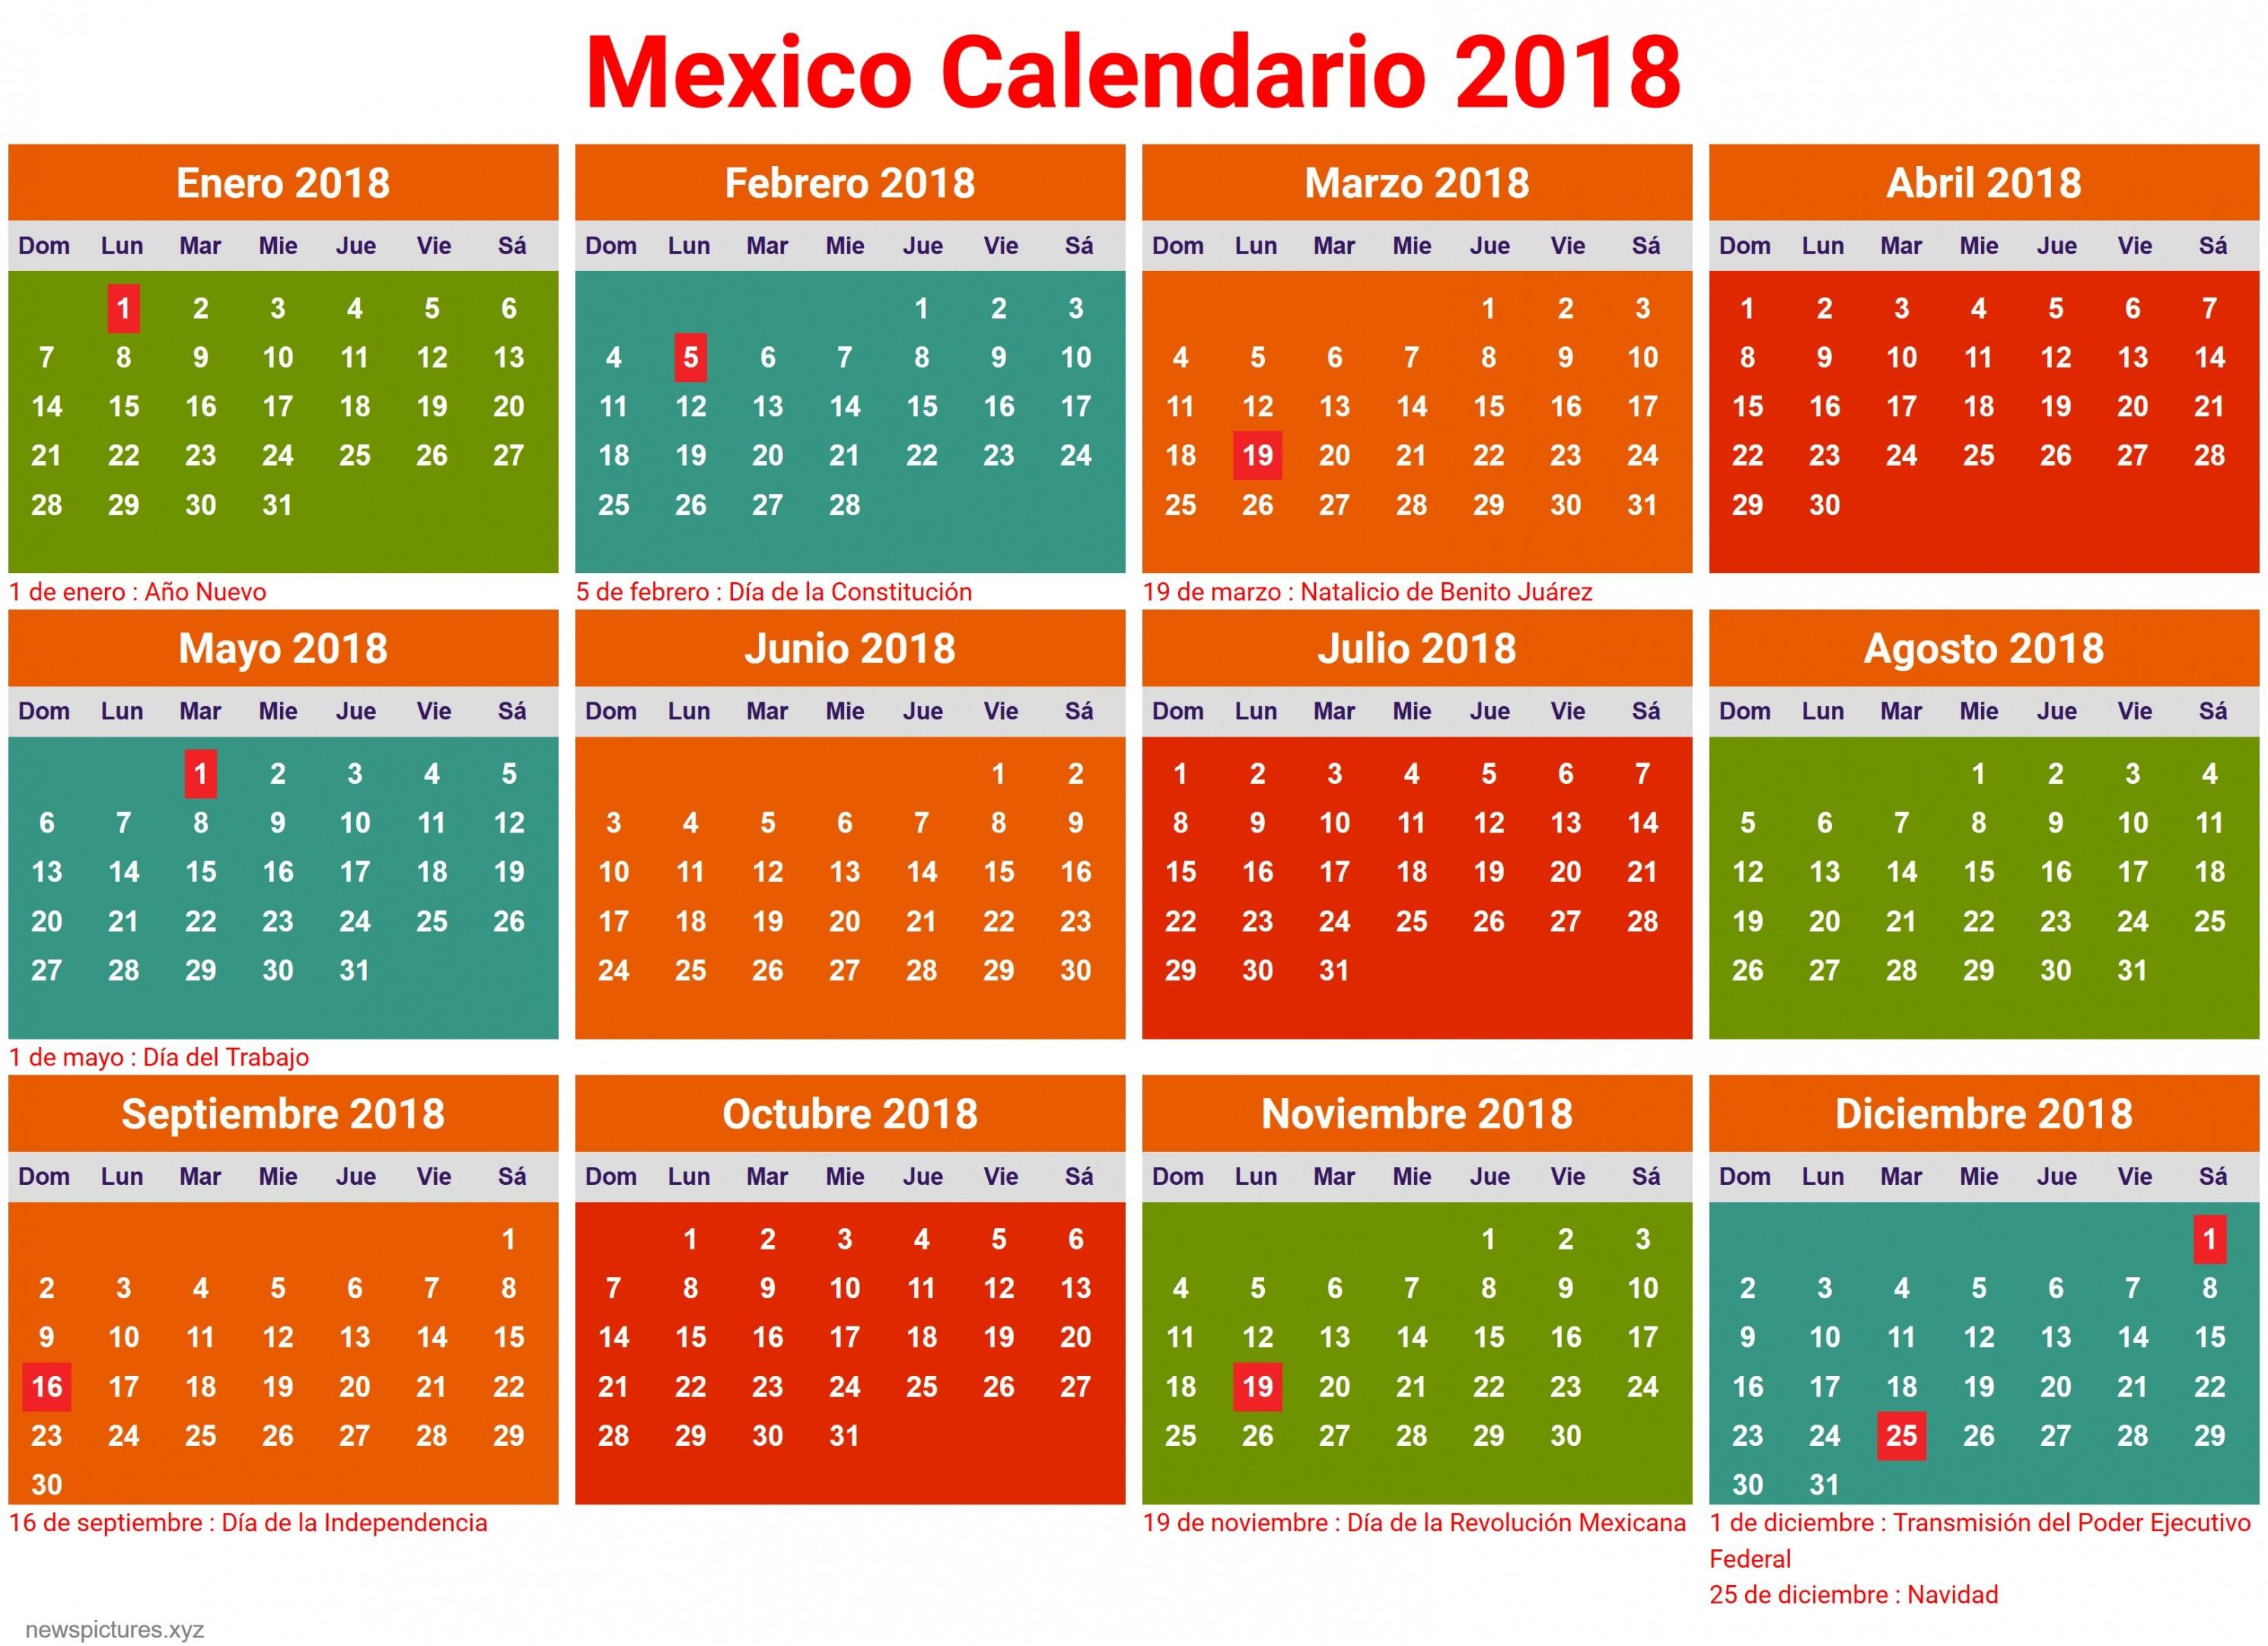 Calendario Octubre 2017 A Febrero 2018 Mejores Y Más Novedosos Calendario 2018 Con Festivos — Fiesta De Lamusica Medellin Of Calendario Octubre 2017 A Febrero 2018 Más Populares Calendario Para Imprimir 2019 Enero Calendario Imprimir Enero